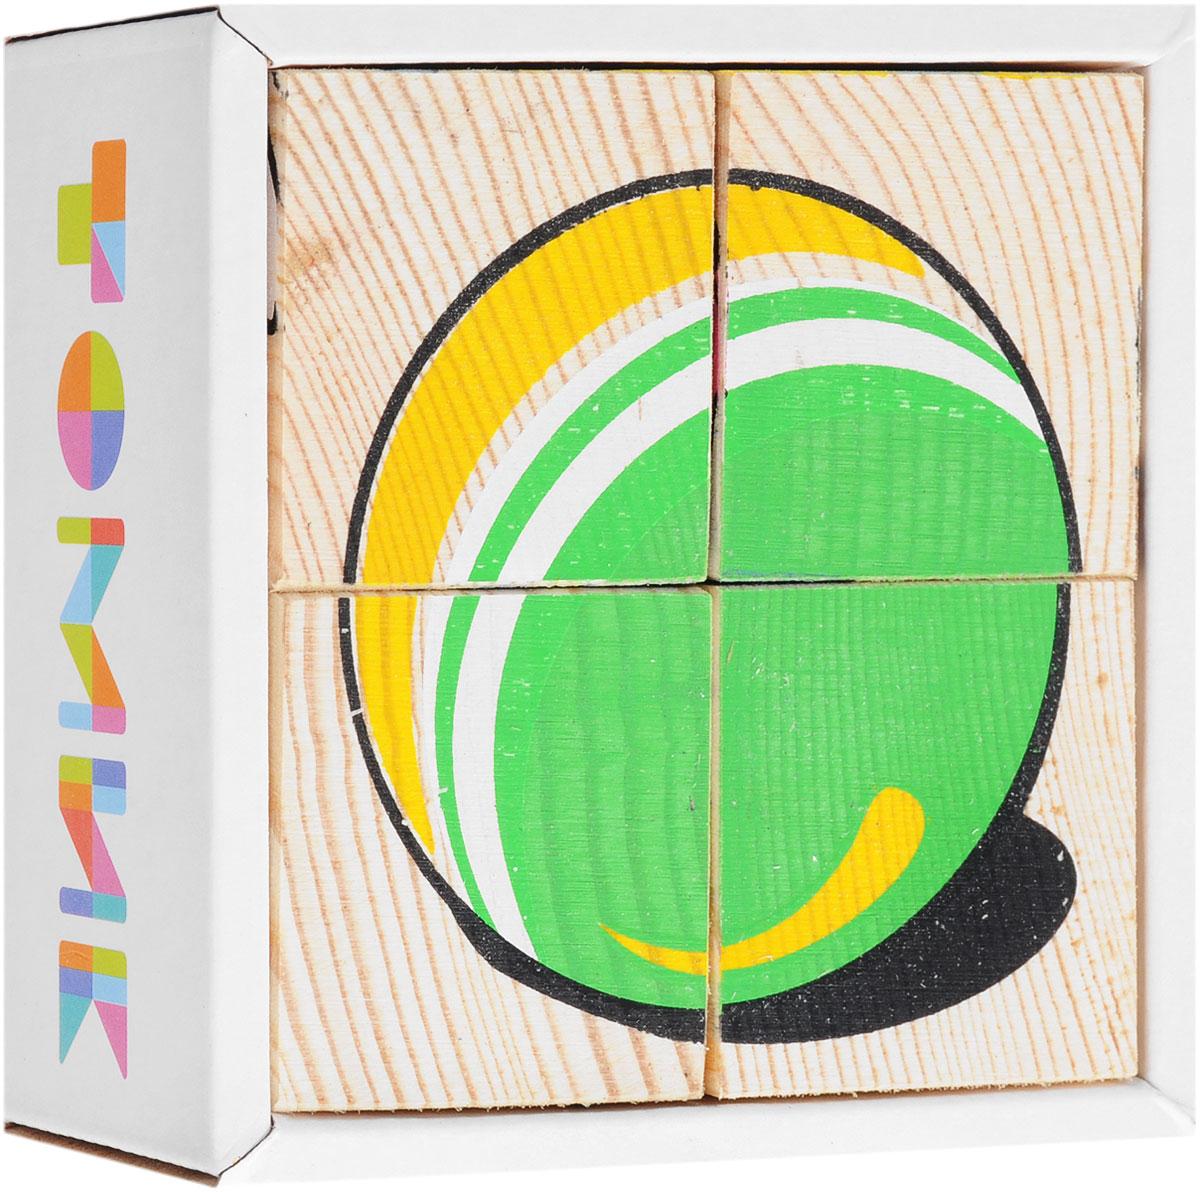 Томик Кубики Игрушки3333-3Кубики Томик Игрушки станут отличным подарком для малыша. Деревянные кубики с рисунками многие родители неслучайно выбирают в качестве одной из первых игрушек для своих малышей. Ведь это не только прекрасный строительный материал для детских замков, но и удобное пособие для развития зрительной памяти, логики и мелкой моторики у детей. Объясните ребенку, что на каждом кубике нанесены части картинки, которые надо собрать вместе. Покажите как, вращая кубик, можно найти необходимый кусочек изображения. С помощью кубиков можно собрать 6 разных изображений детских игрушек: ведерко с лопаткой, велосипед, кукла, юла, мяч, мишка.